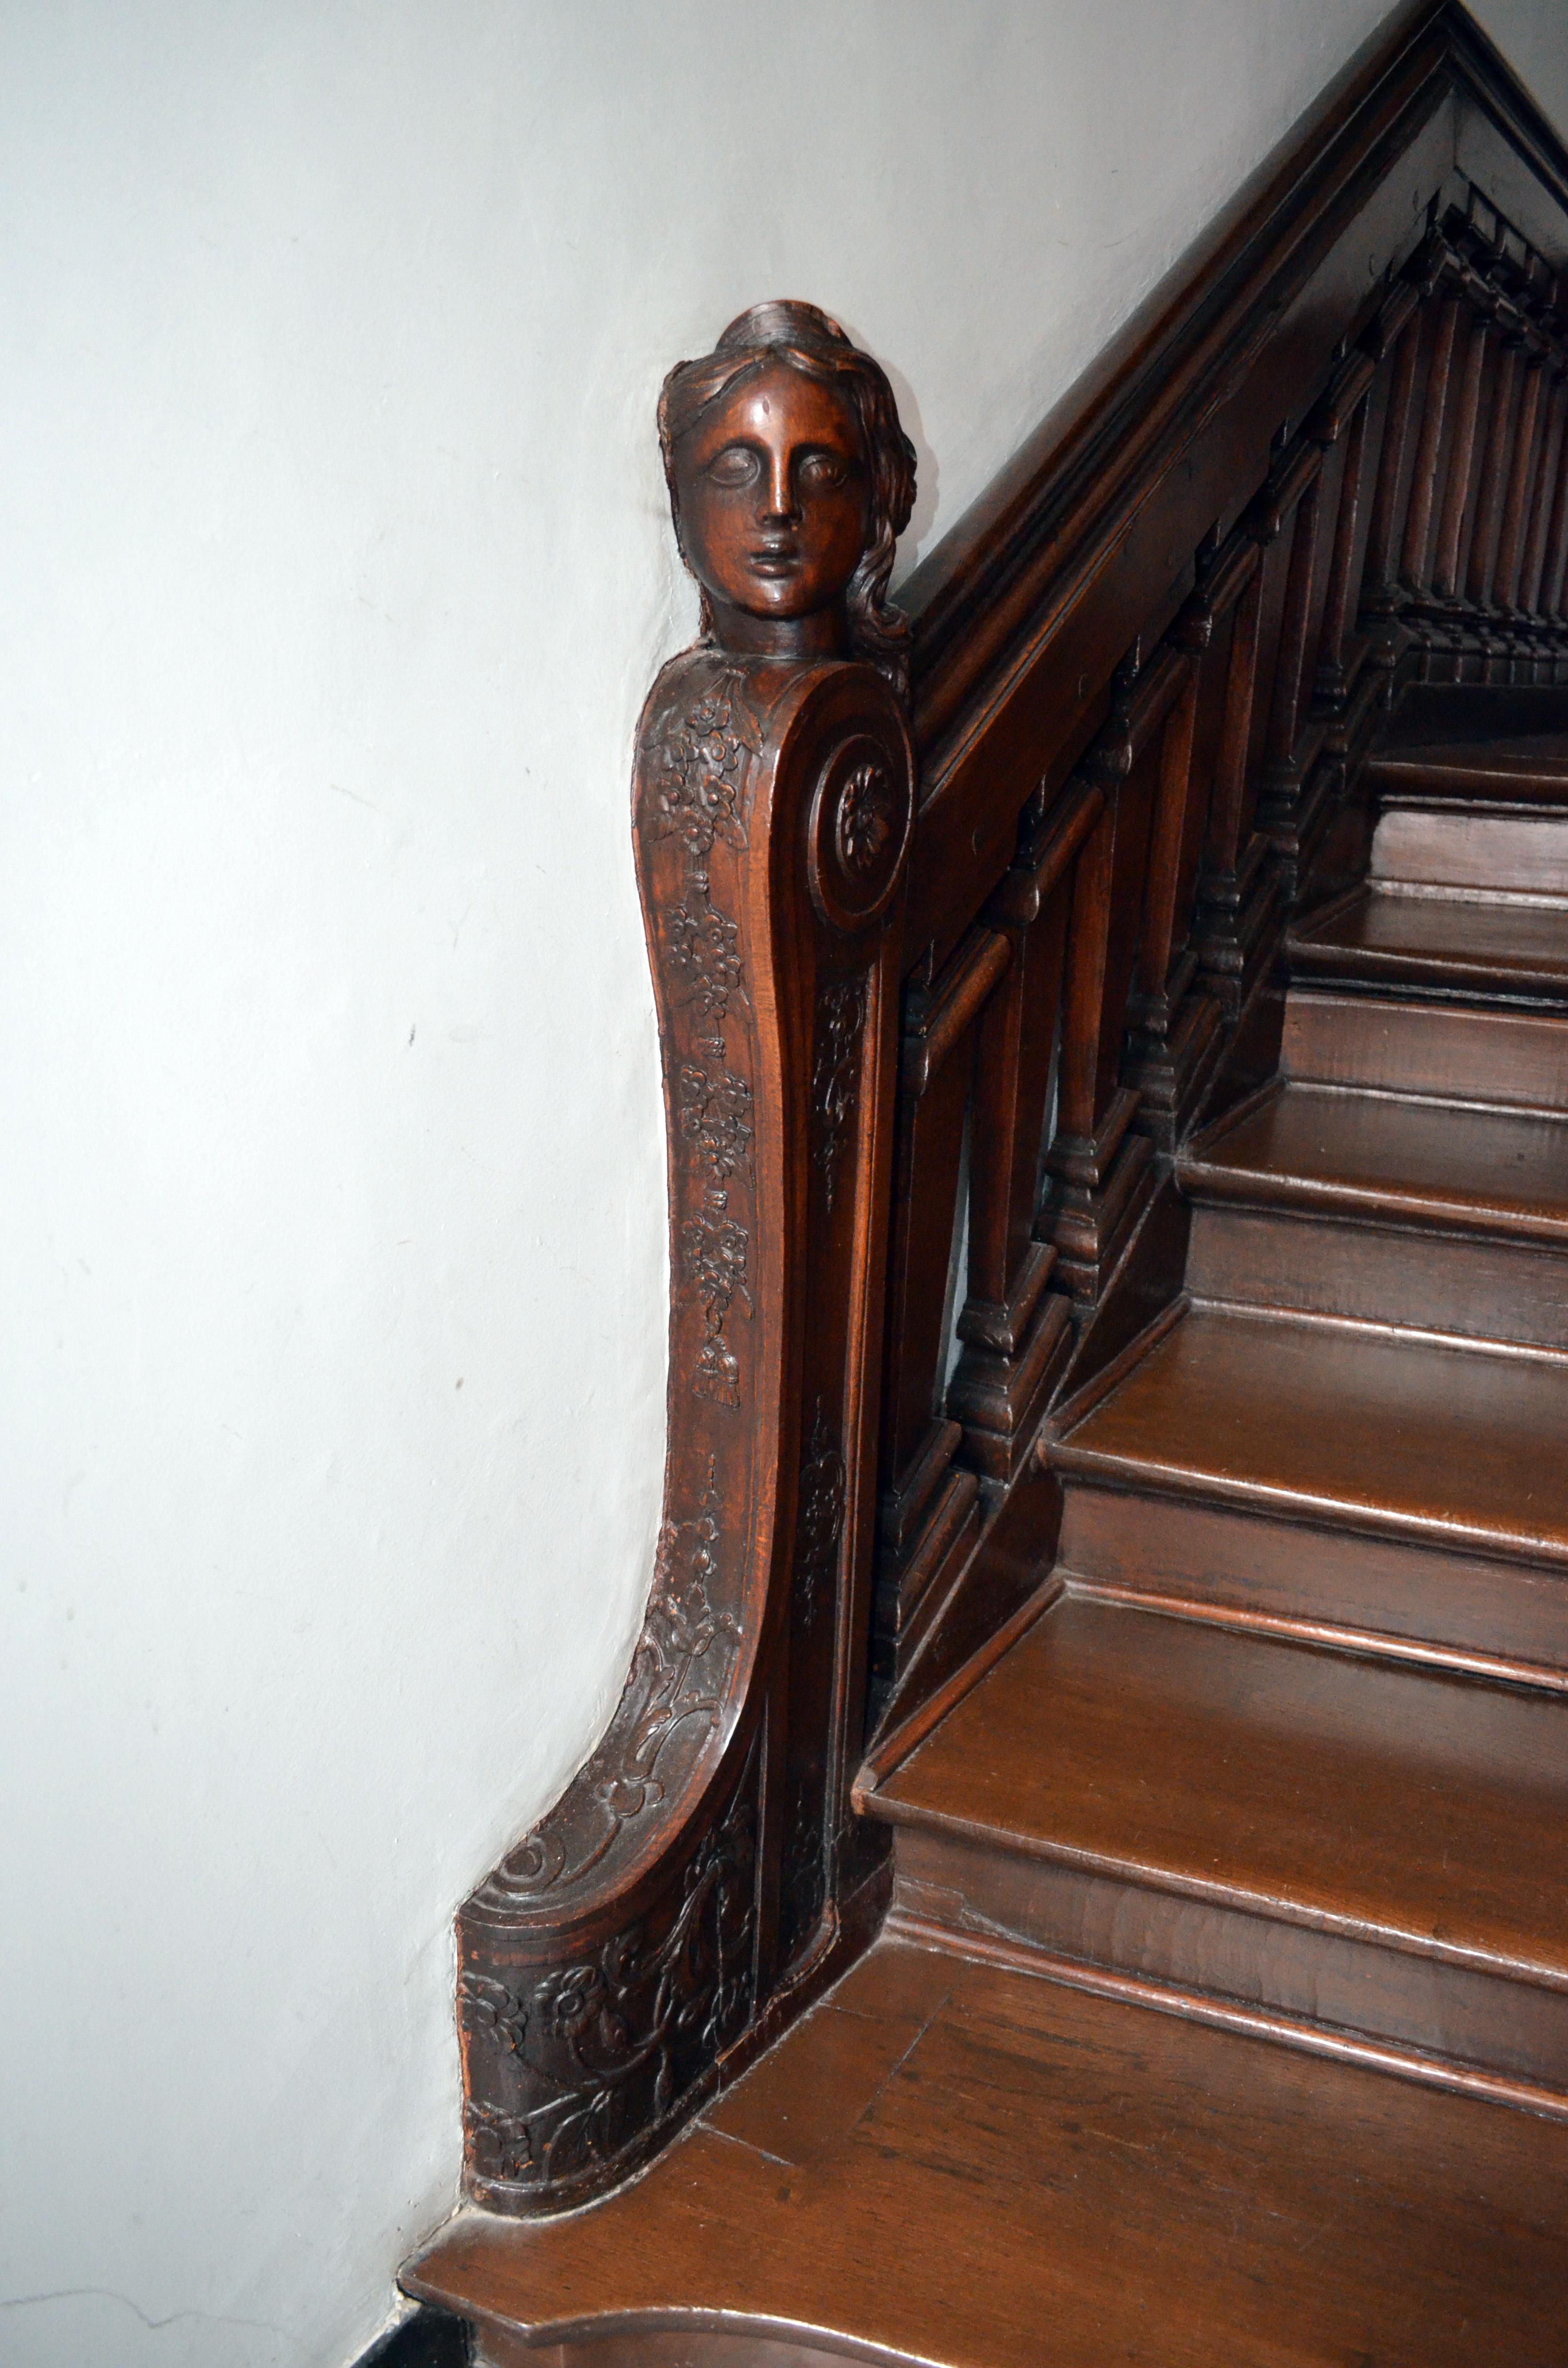 Unglaublich Treppen Im Haus Galerie Von File: Rehrmann-fey 02.jpg